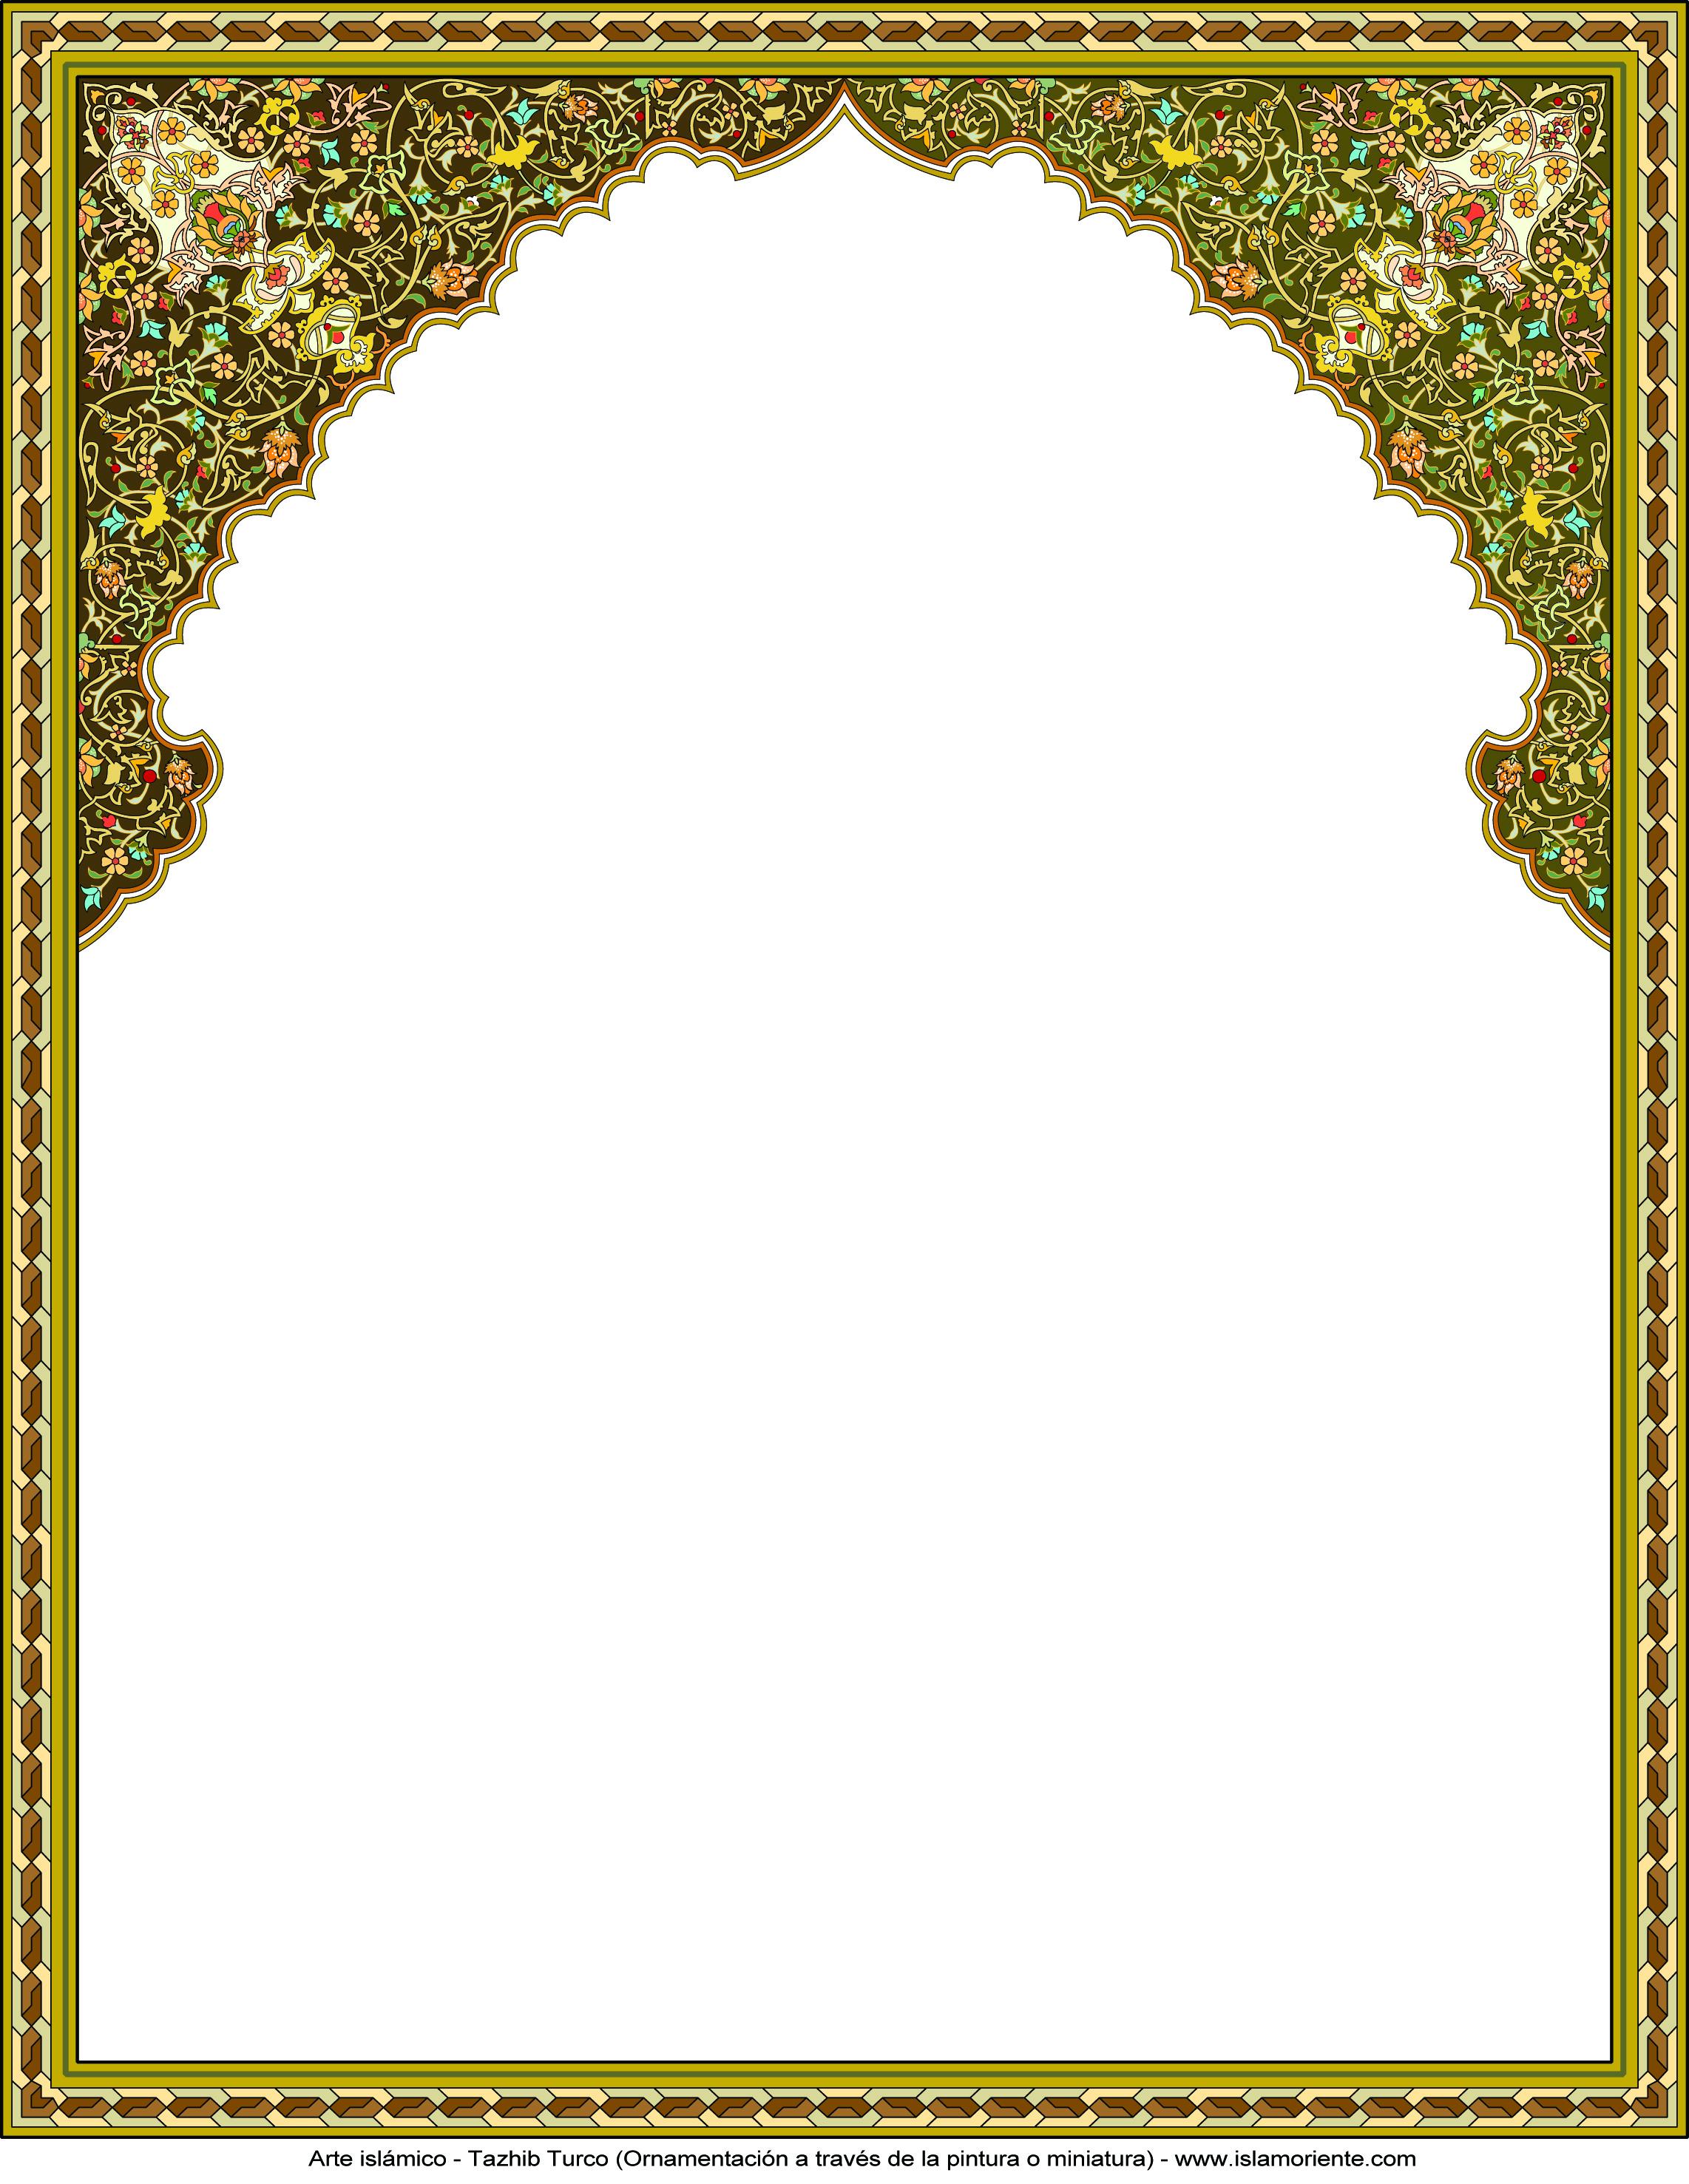 کادر نقاشی هنر اسلامی - تذهیب فارسی - کادر - حاشیه - تزئینات از طریق ...